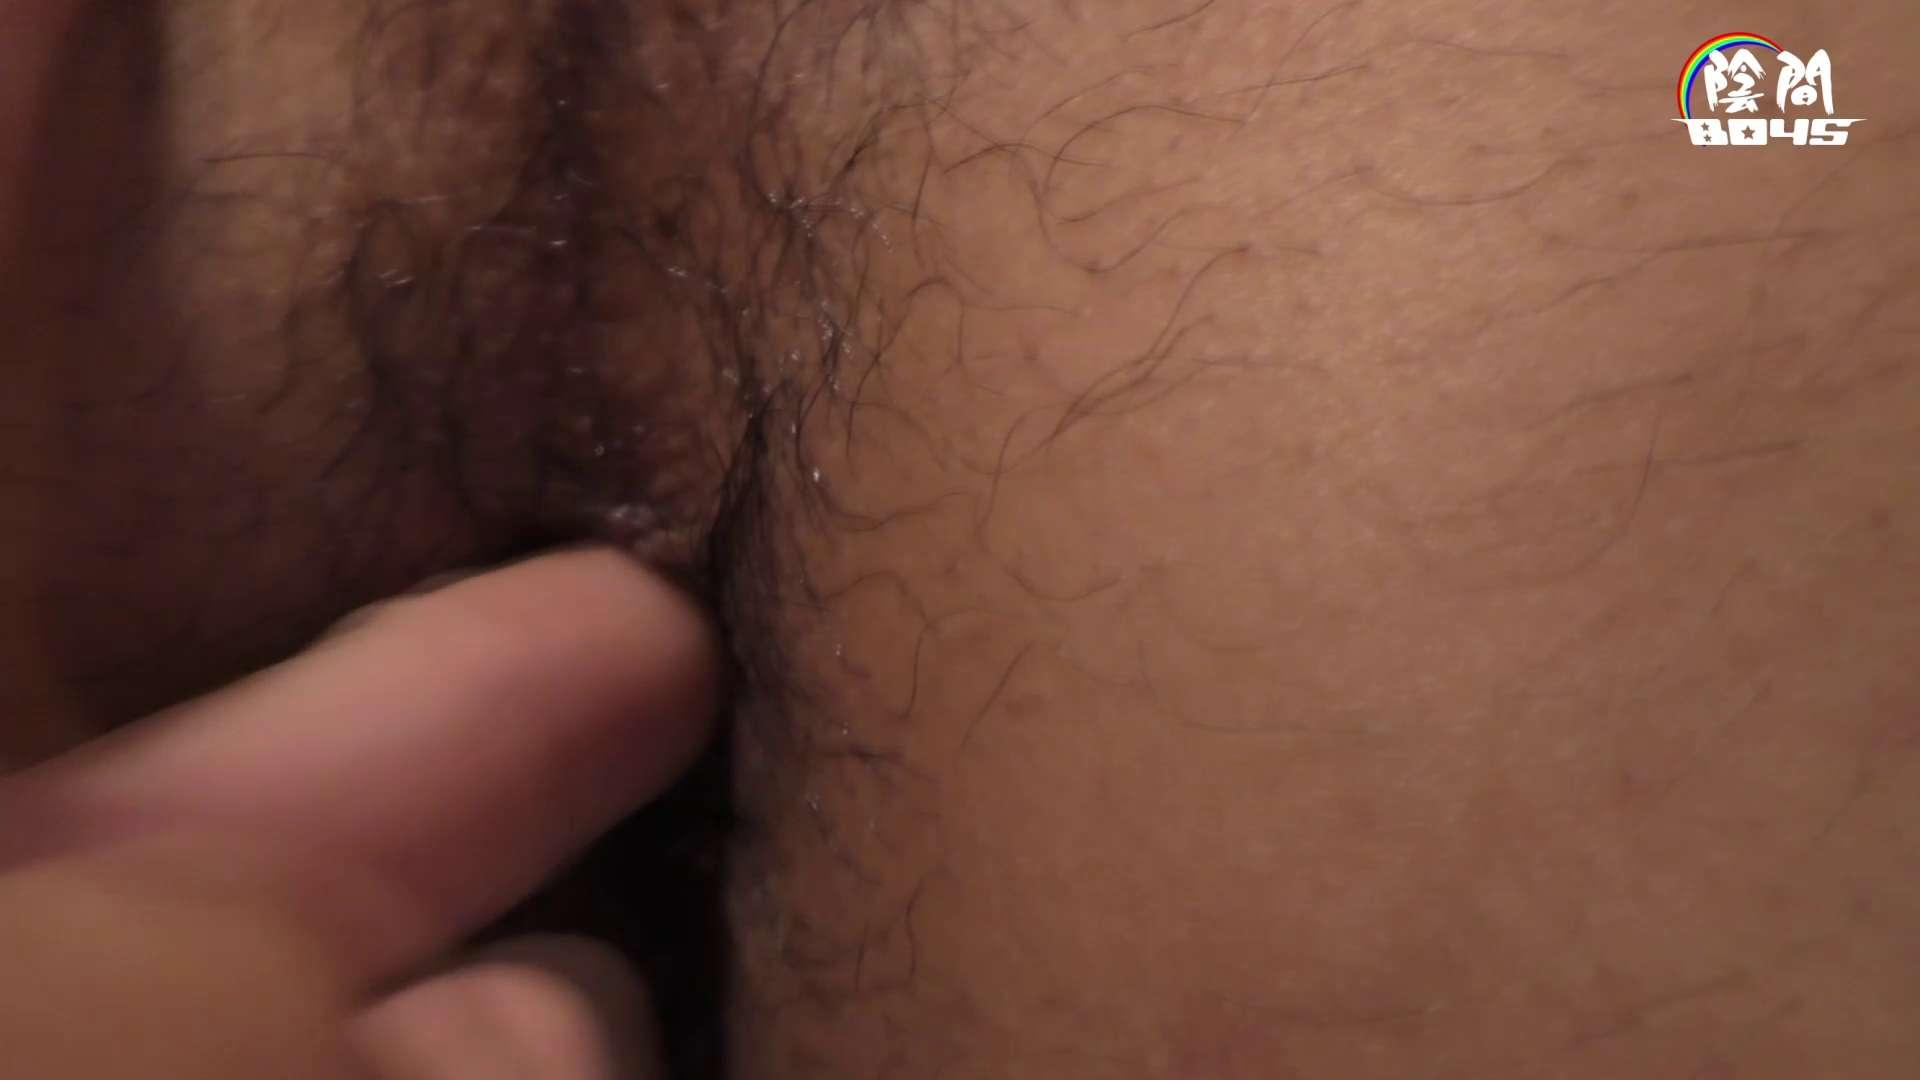 アナルで営業ワン・ツー・ スリーpart2 Vol.4 男まつり ゲイ無修正動画画像 75枚 19